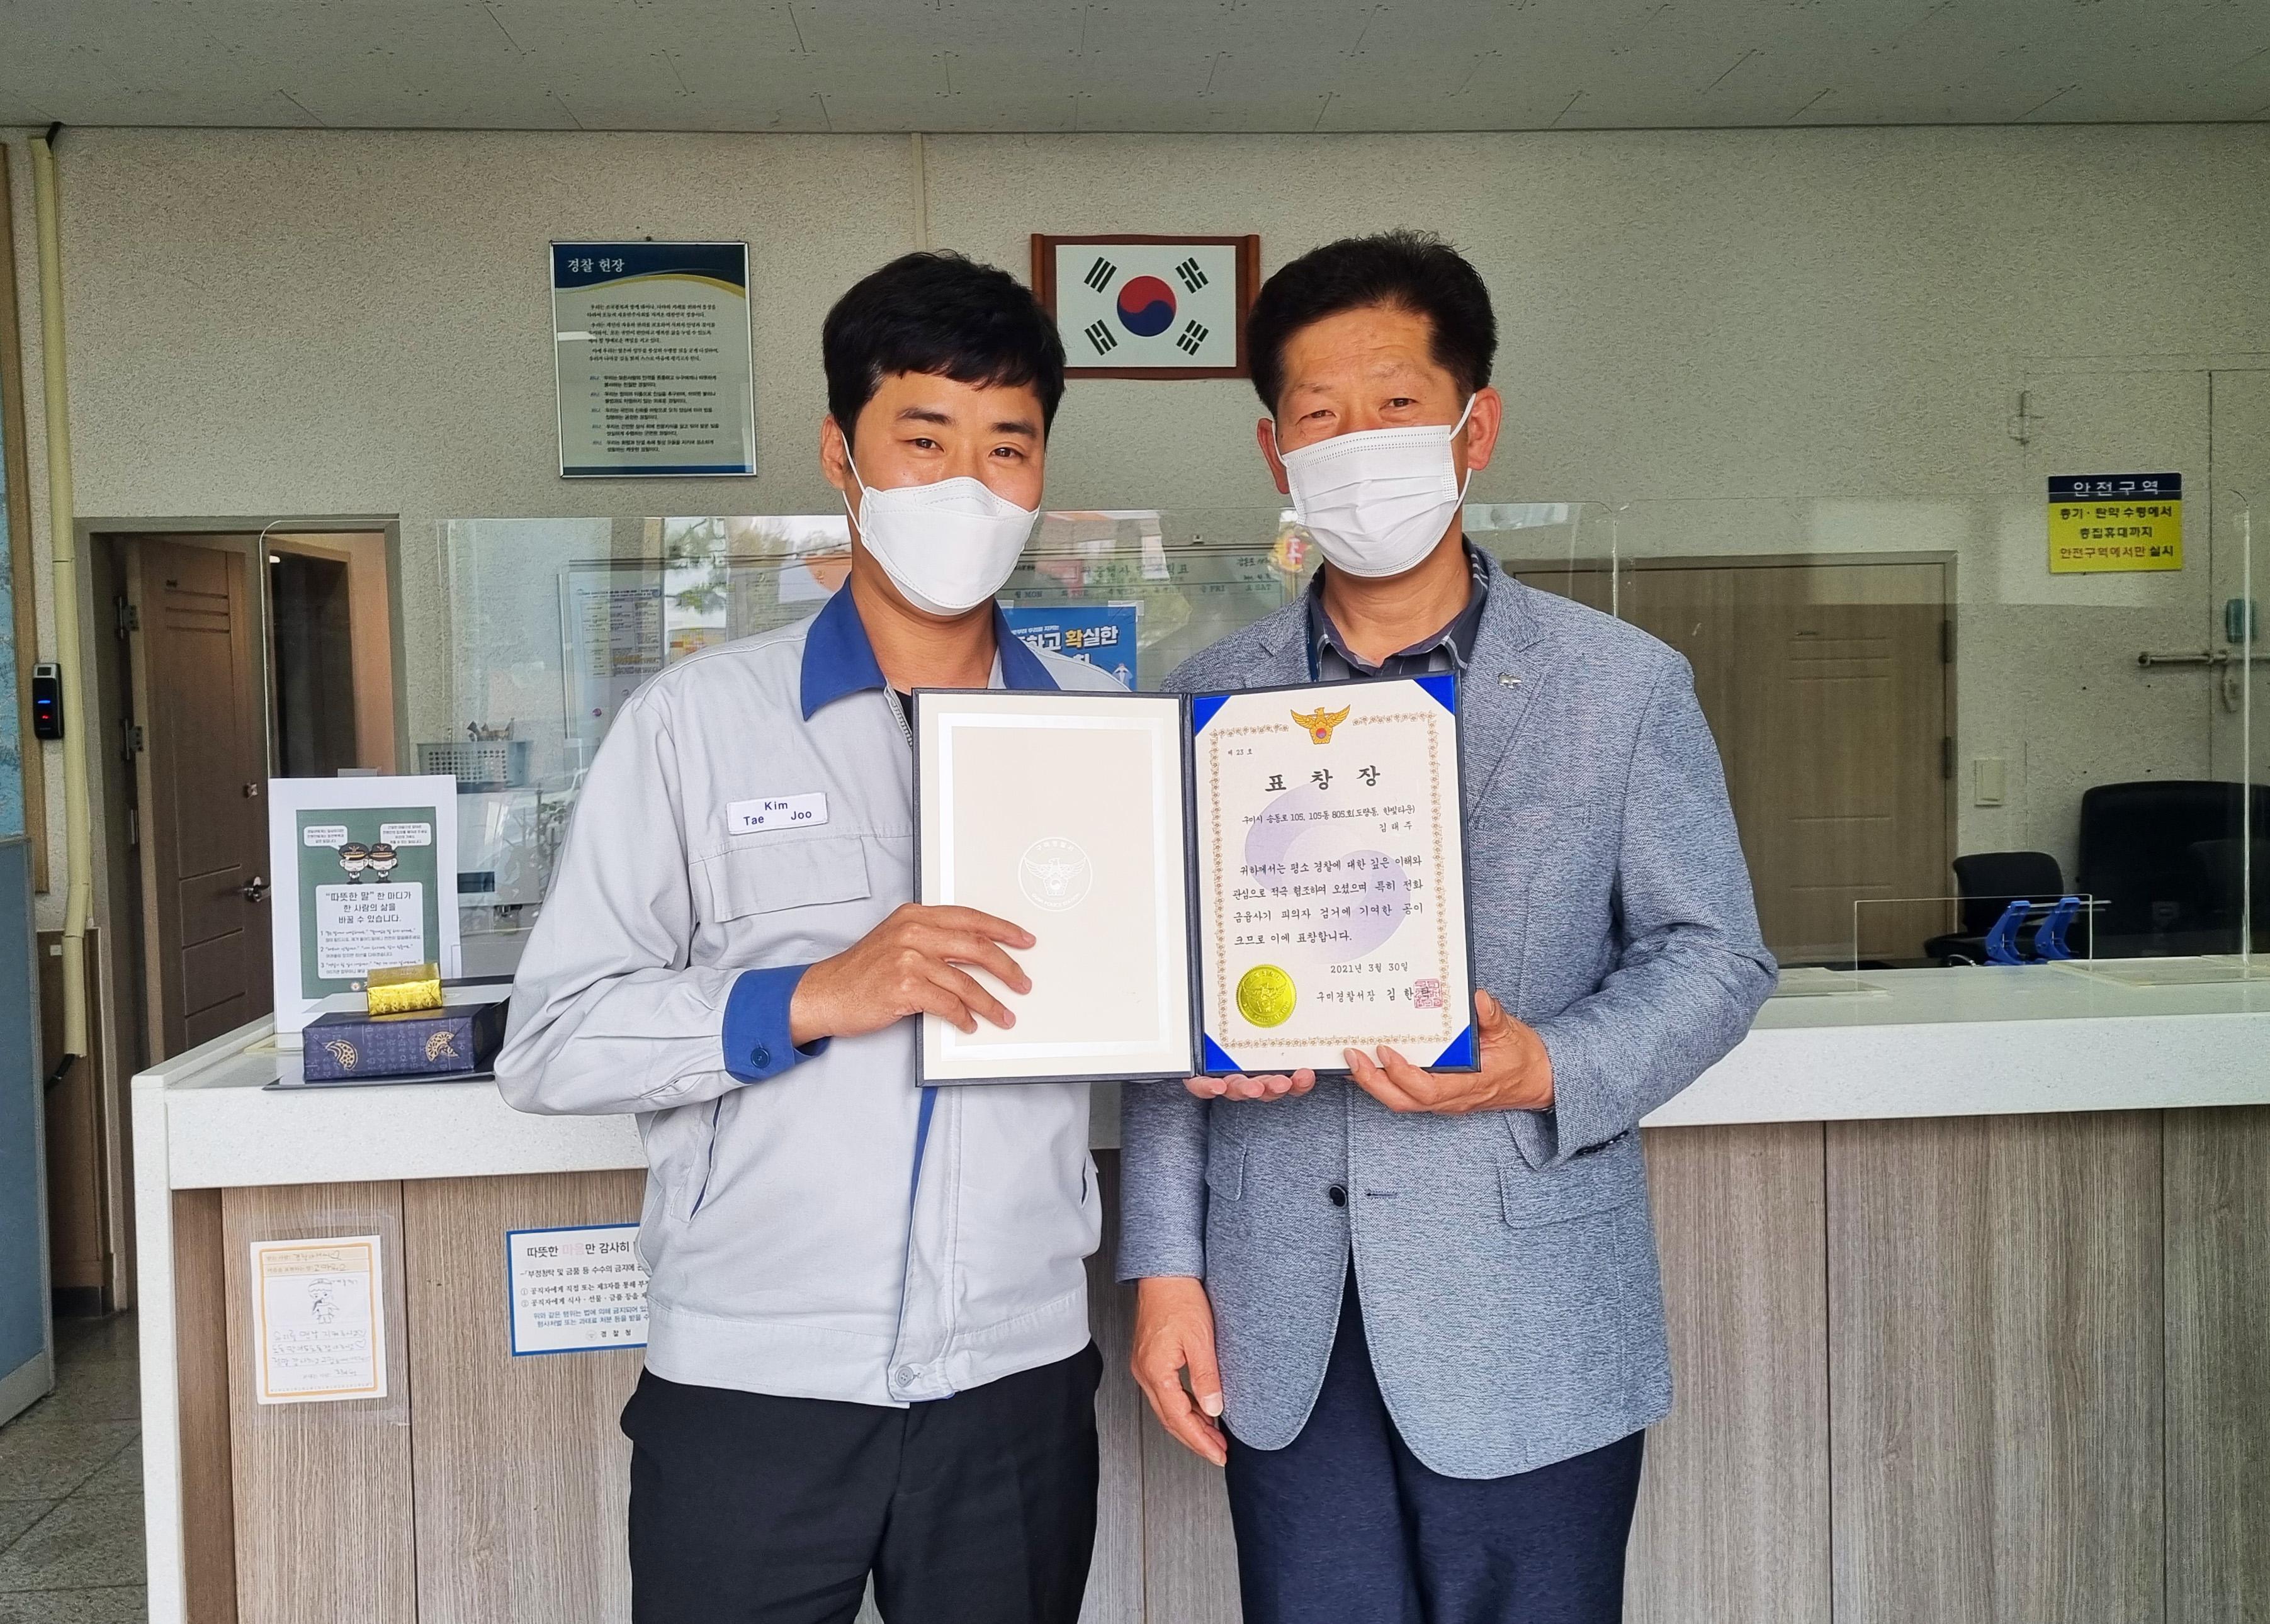 구미경찰서, 8천만원 보이스피싱 범인검거 공로 시민 표창장 수여!